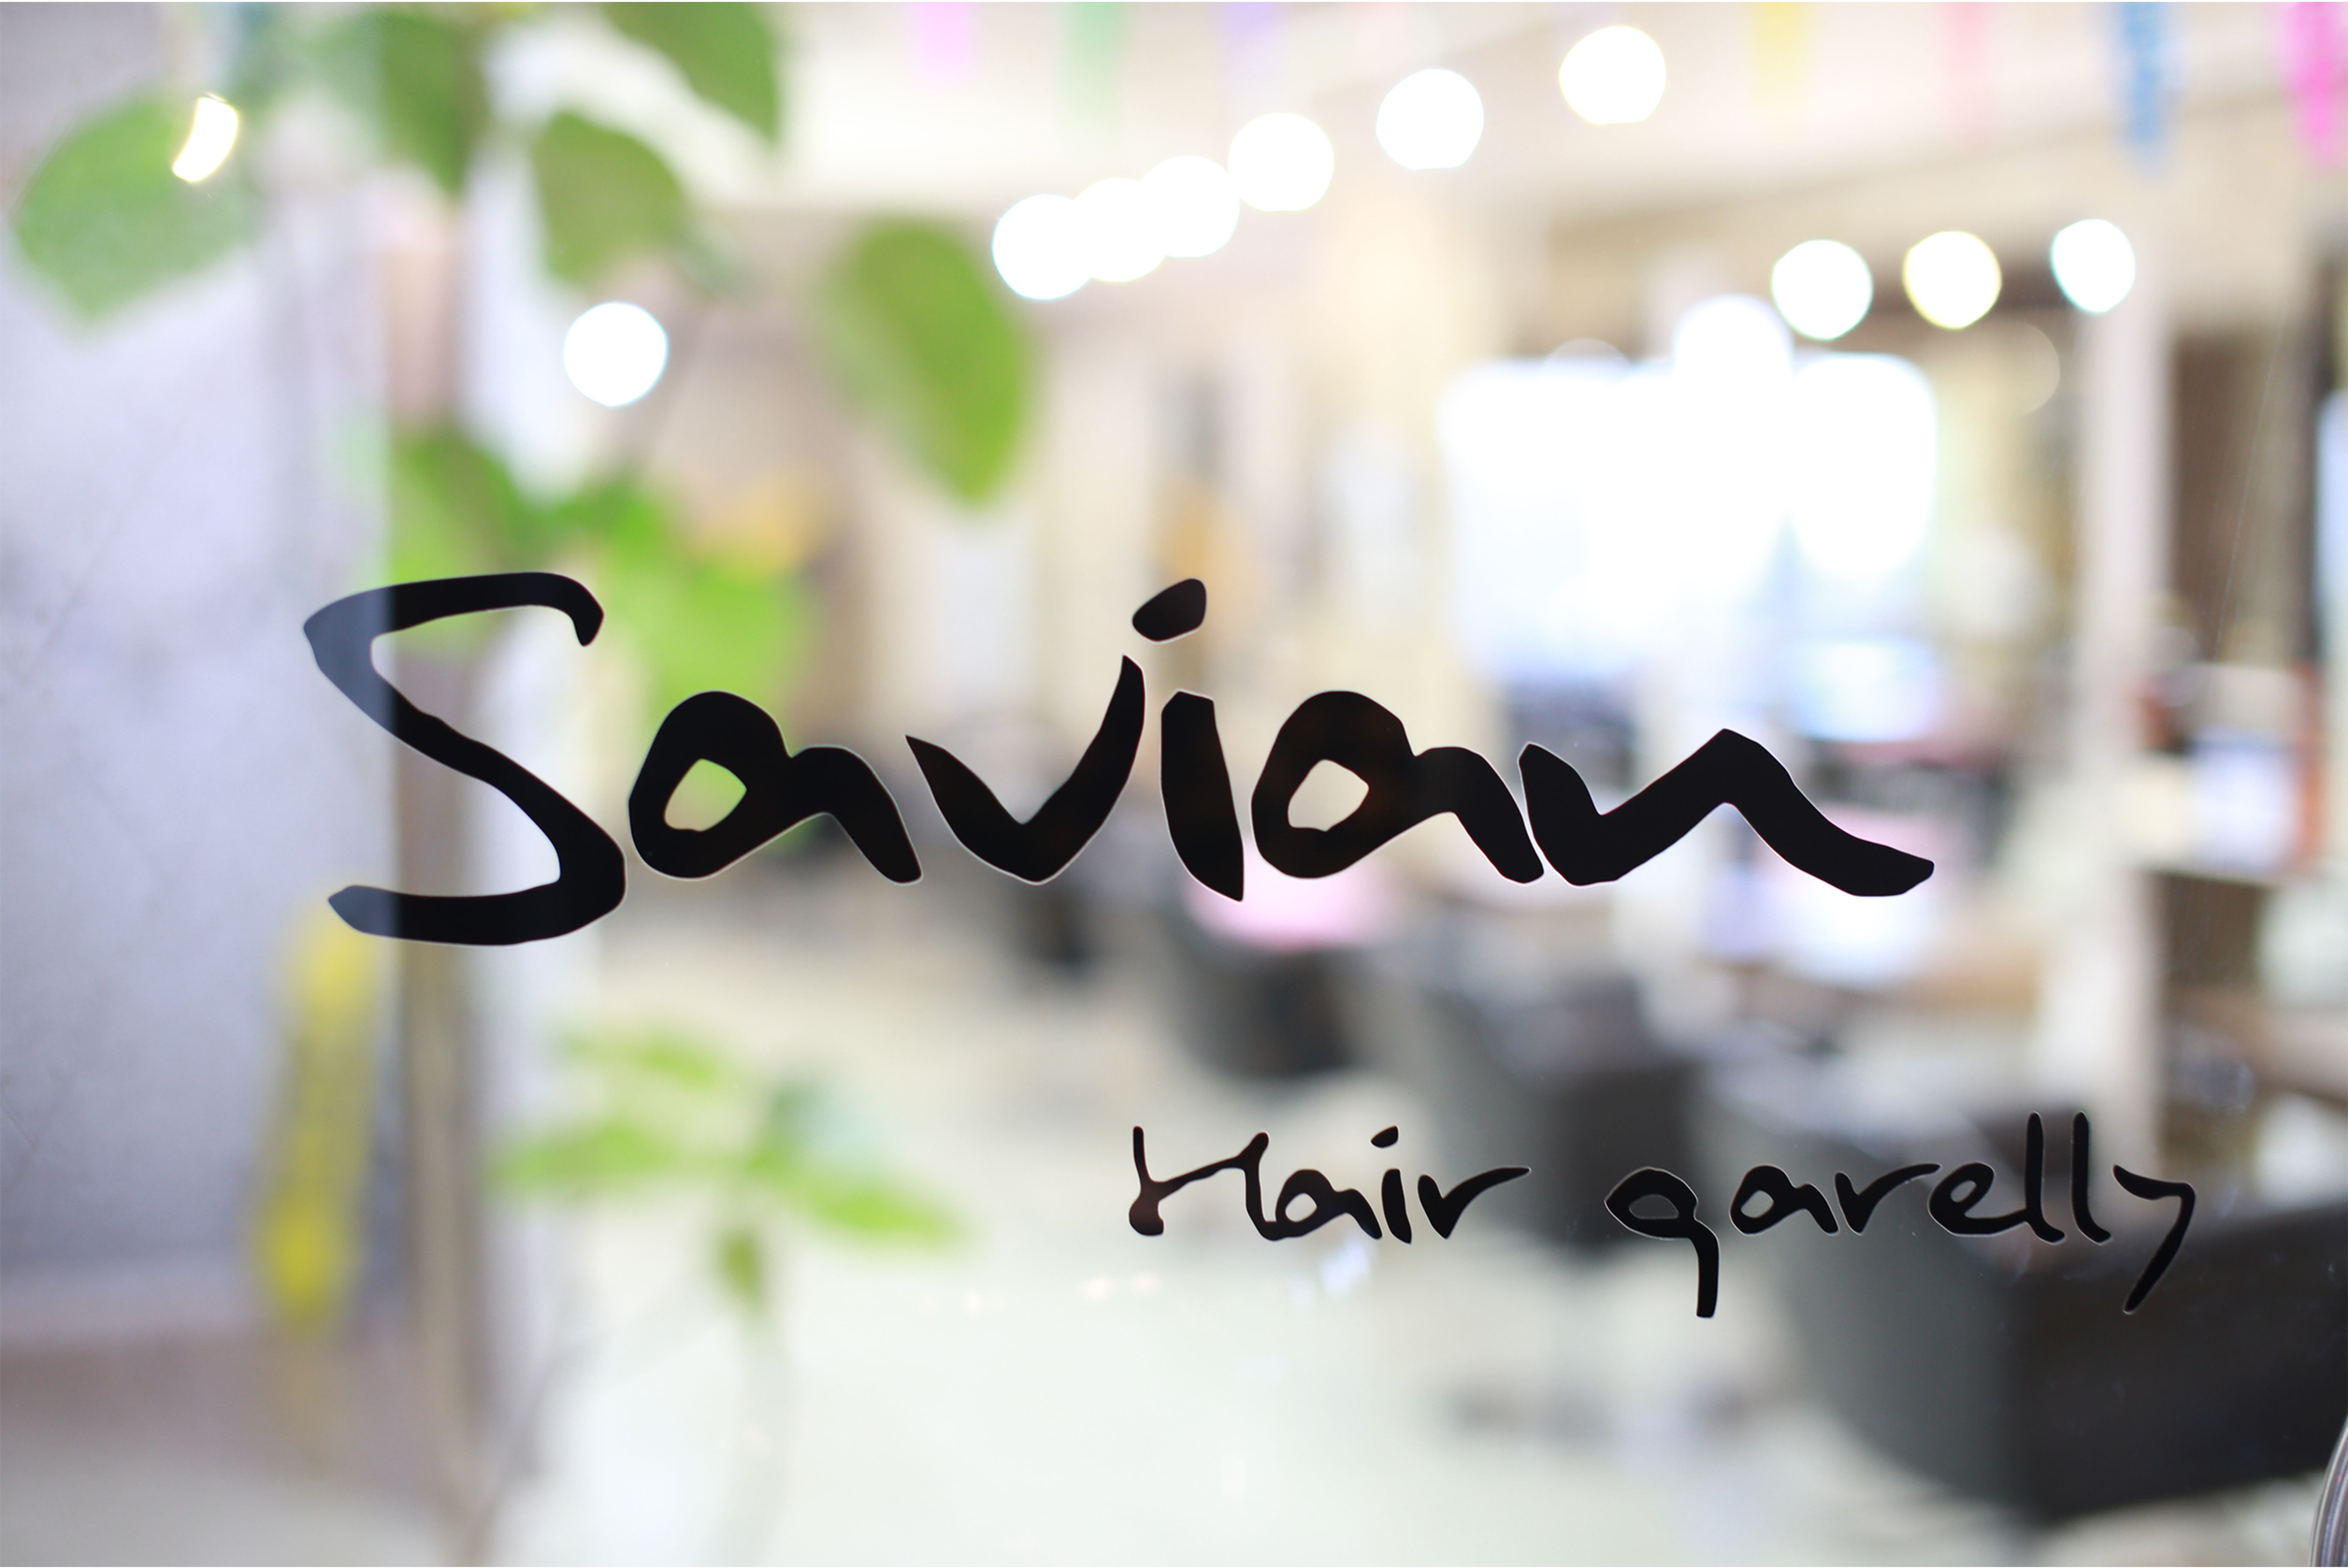 【生トリートメント⁉️新宿で肌と髪に一番優しい美容室】Savian hair garelly | 新宿